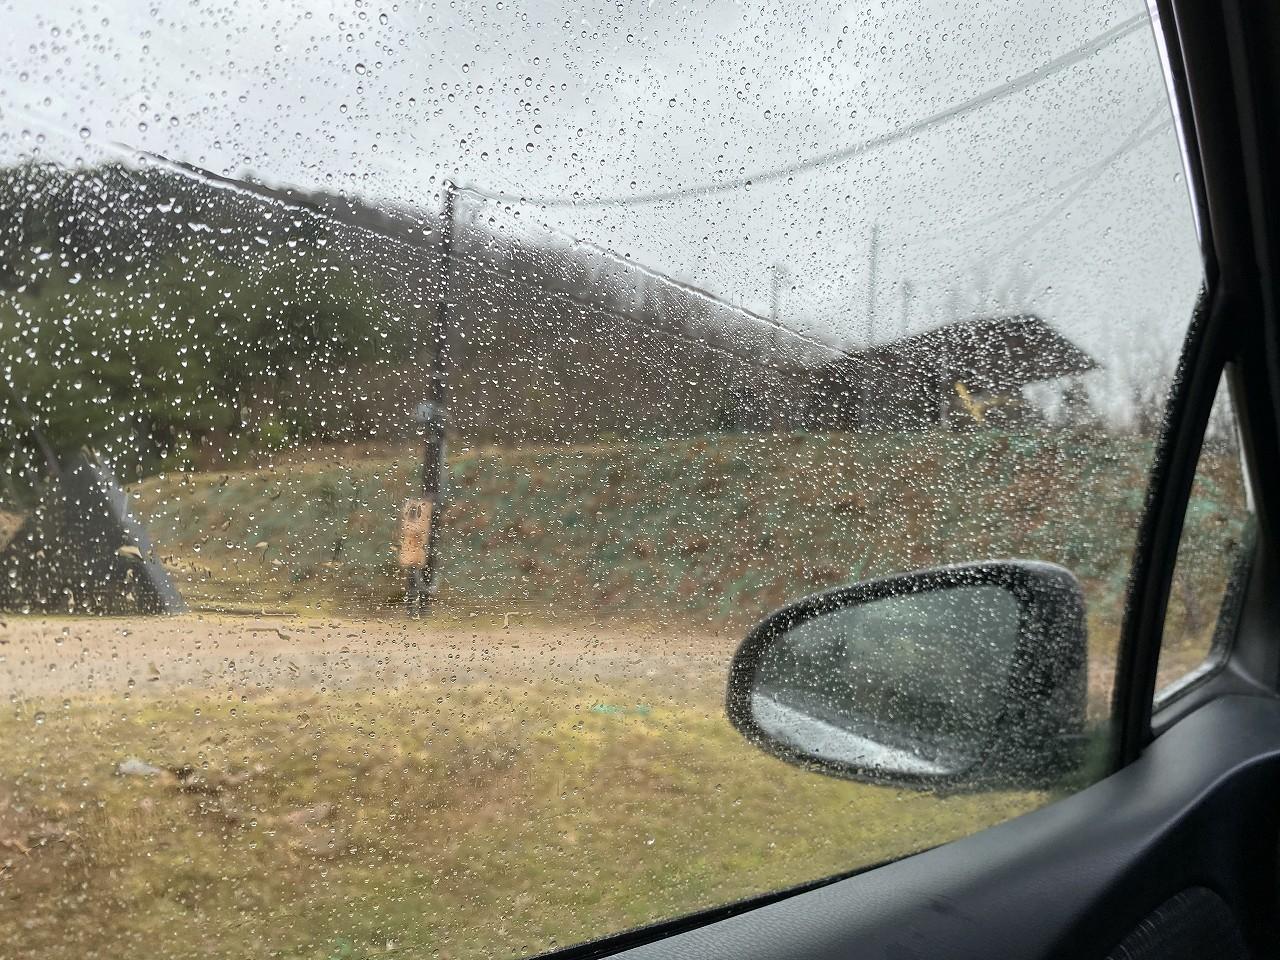 鬼久保を走る前の雨の様子